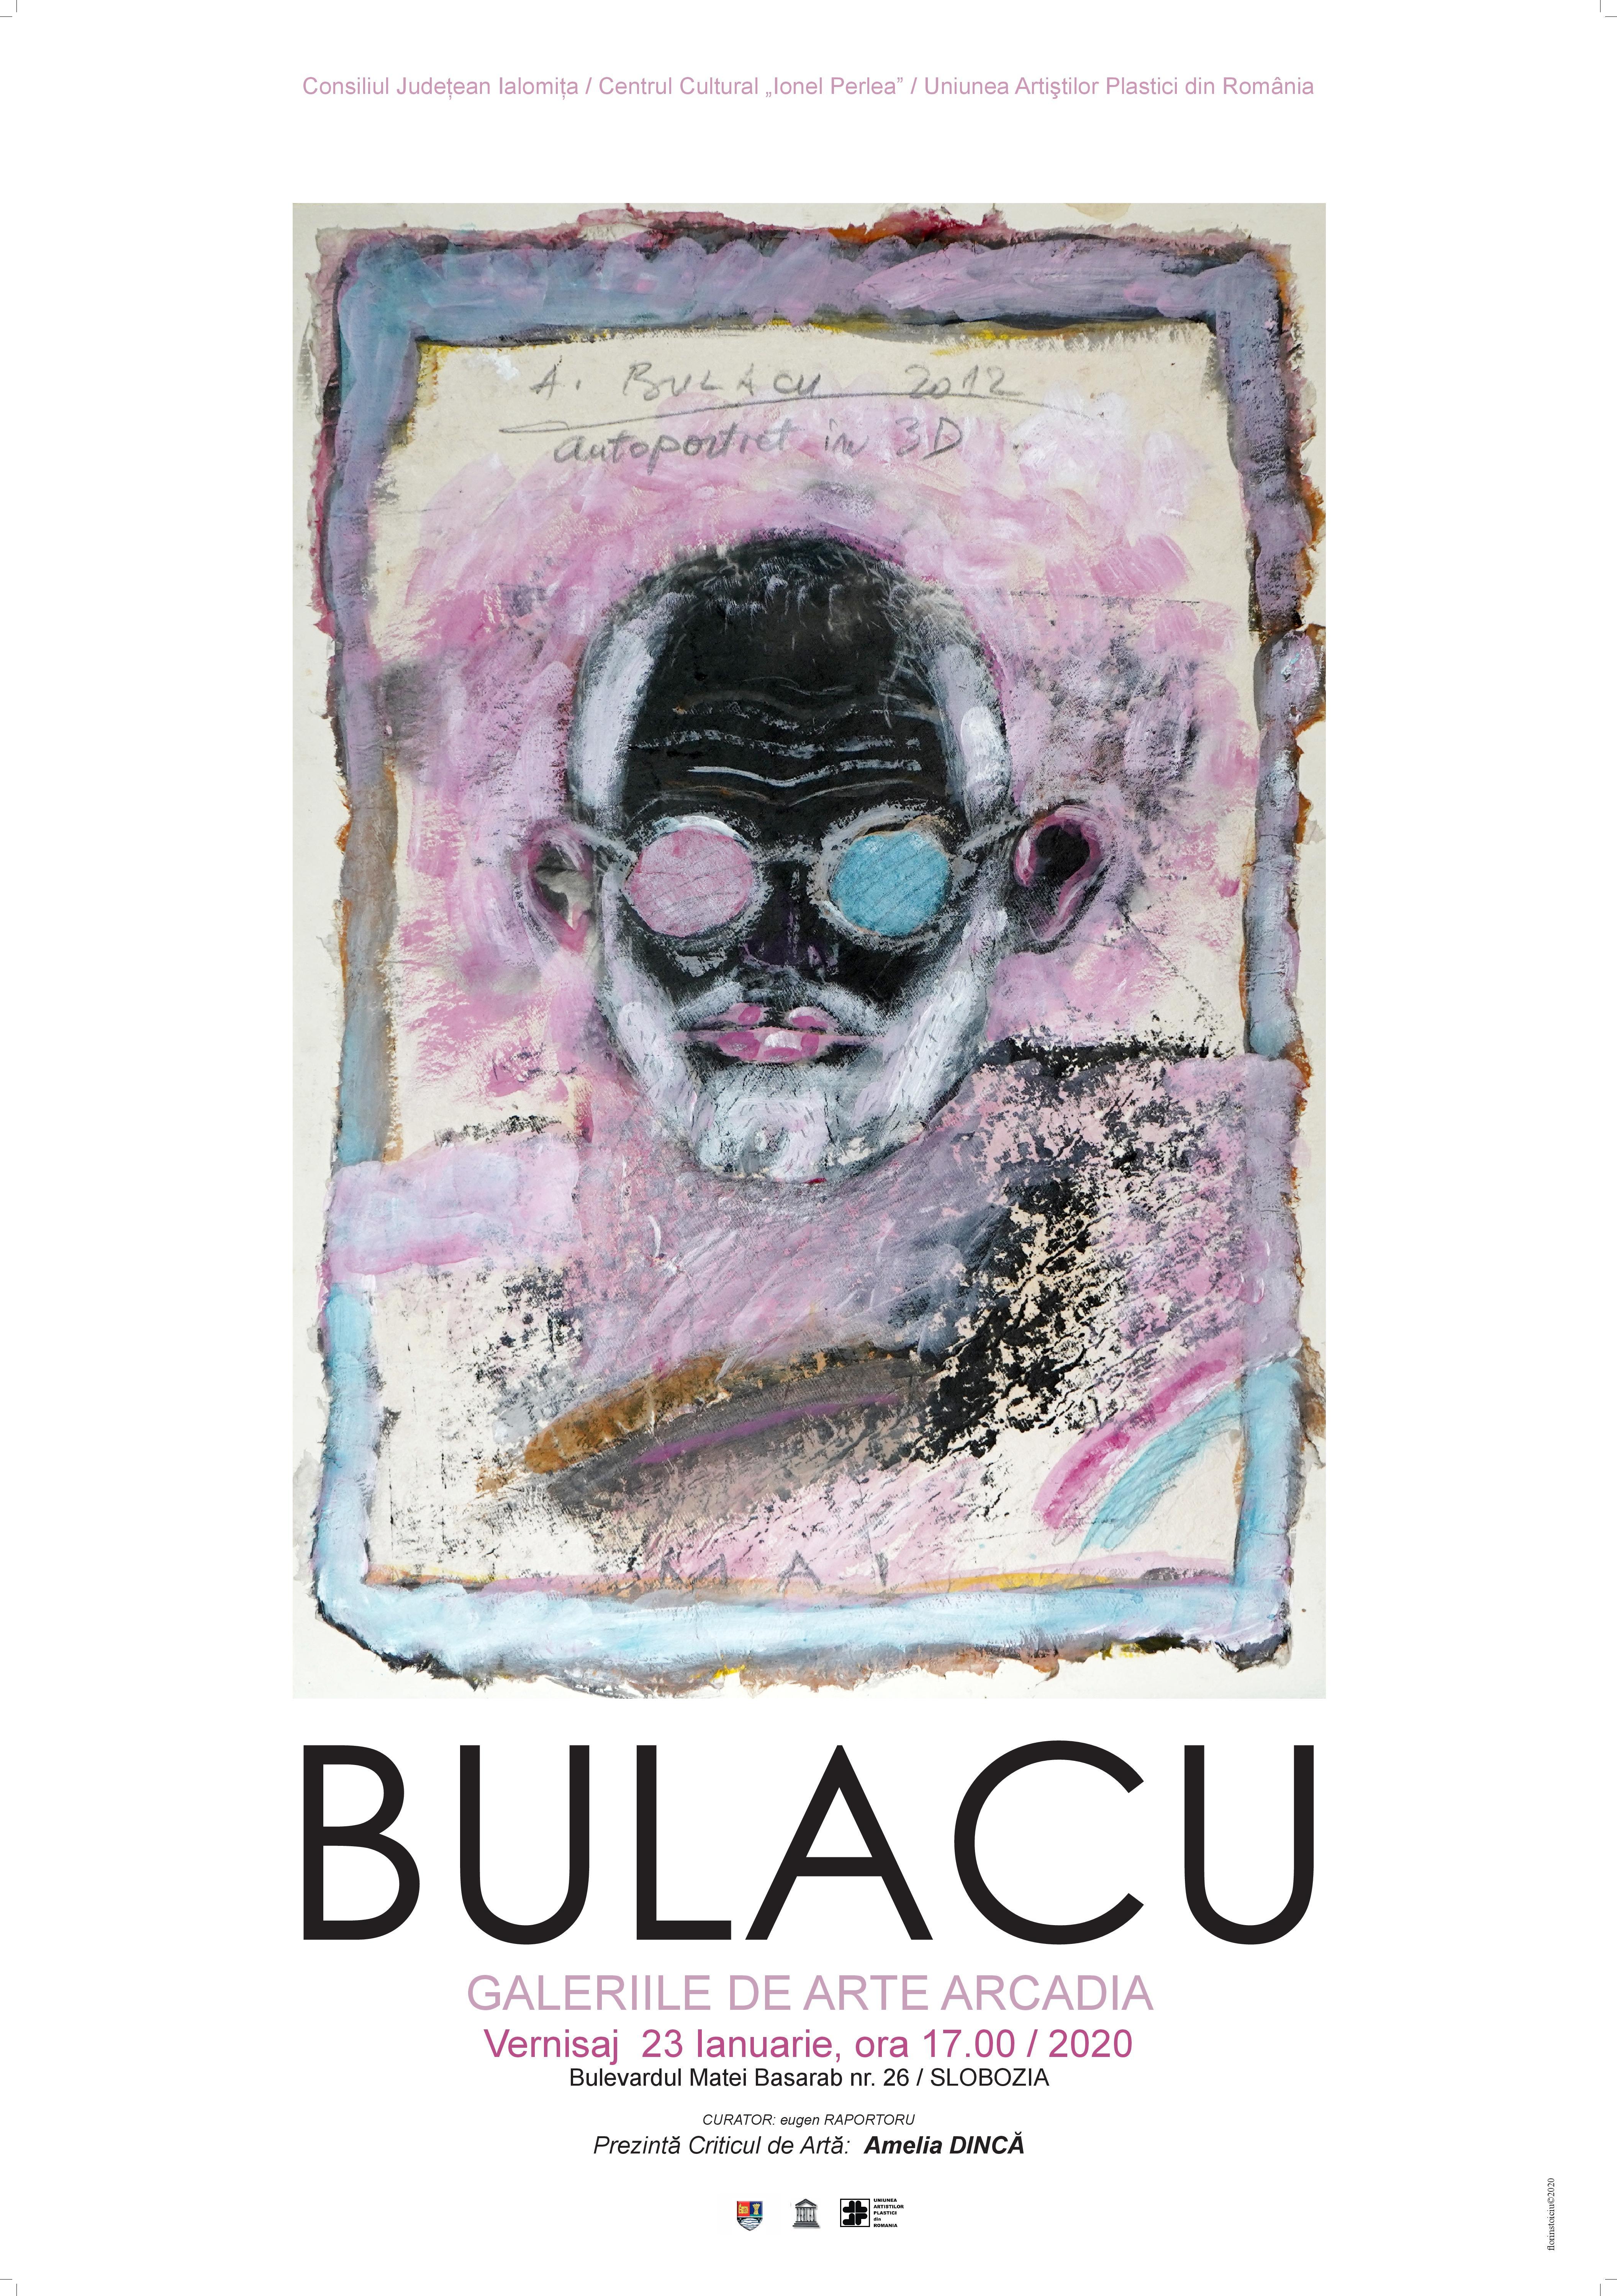 """Expoziție de pictură Aurel Bulacu, 23 ianuarie 2020, ora 17:00, Centrul Cultural ,,Ionel Perlea"""""""